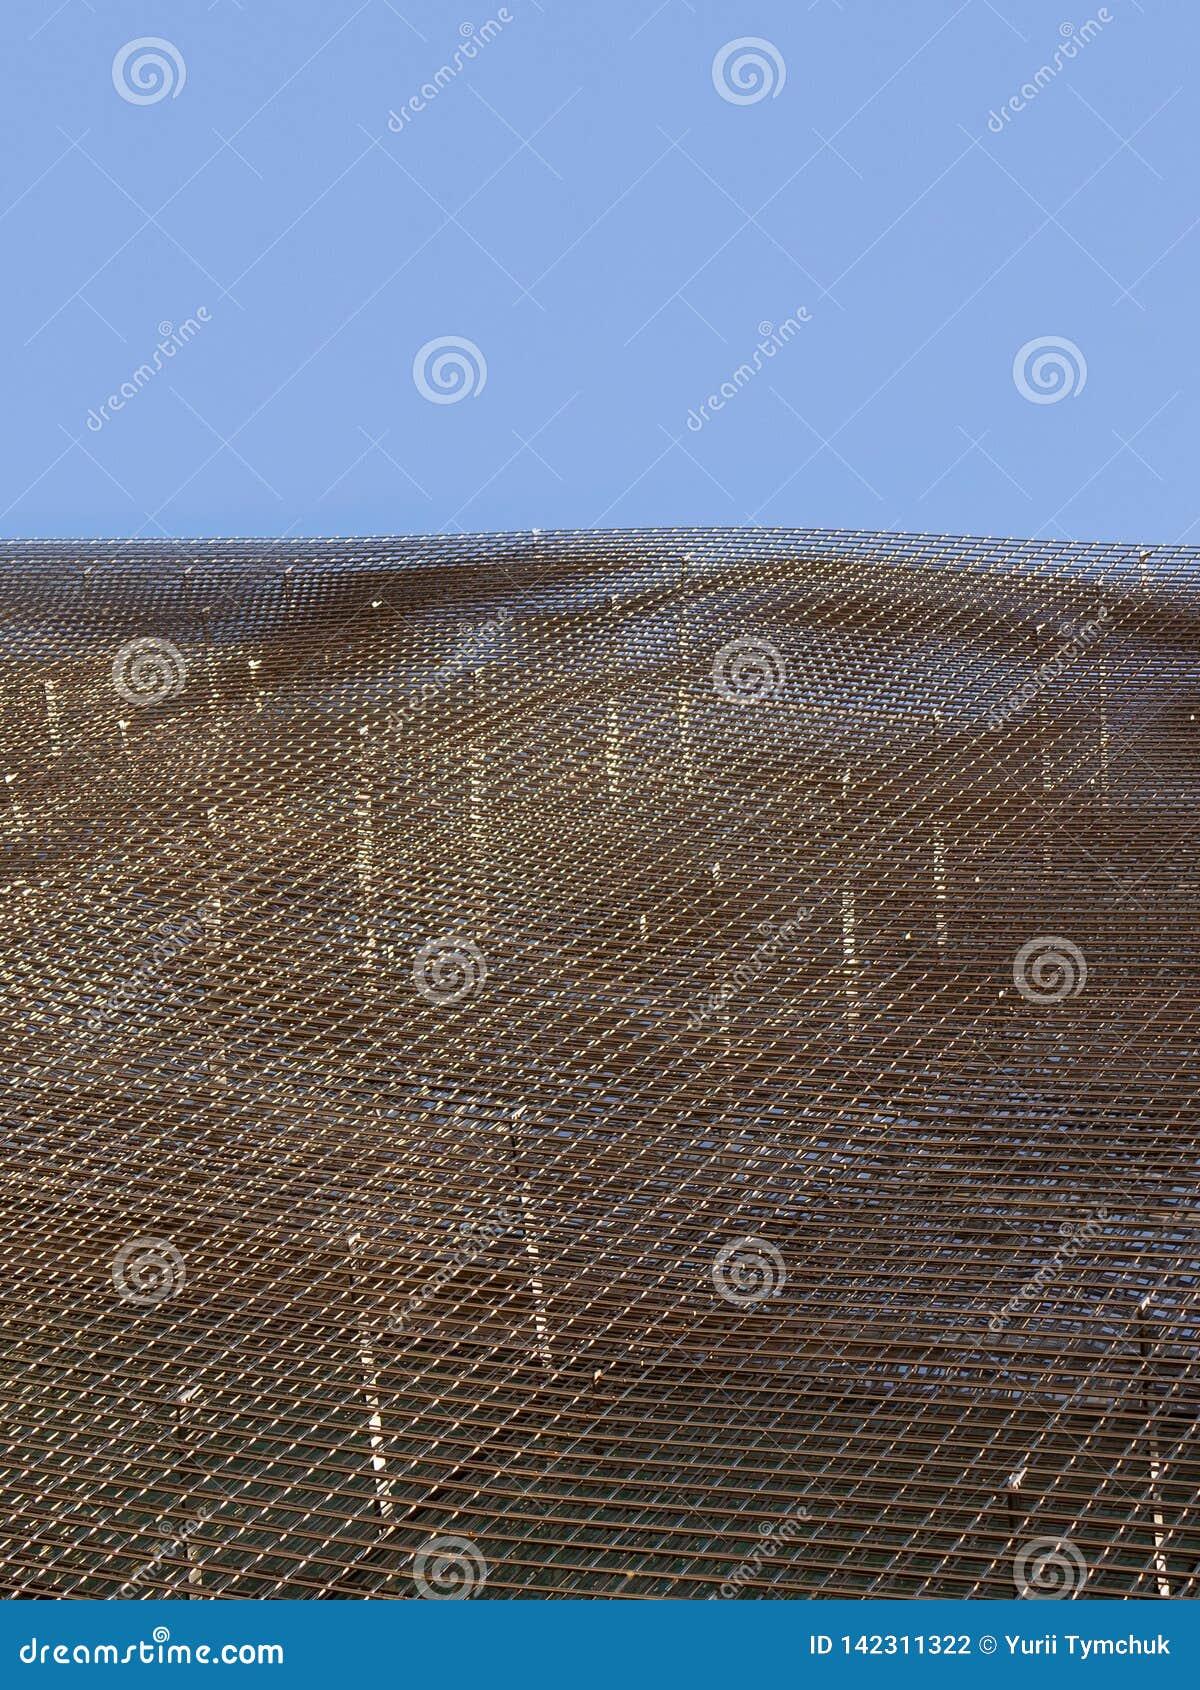 Χάλυβας πλέγματος καλωδίων για το κτήριο ουρανοξυστών κάτω από το μπλε ουρανό